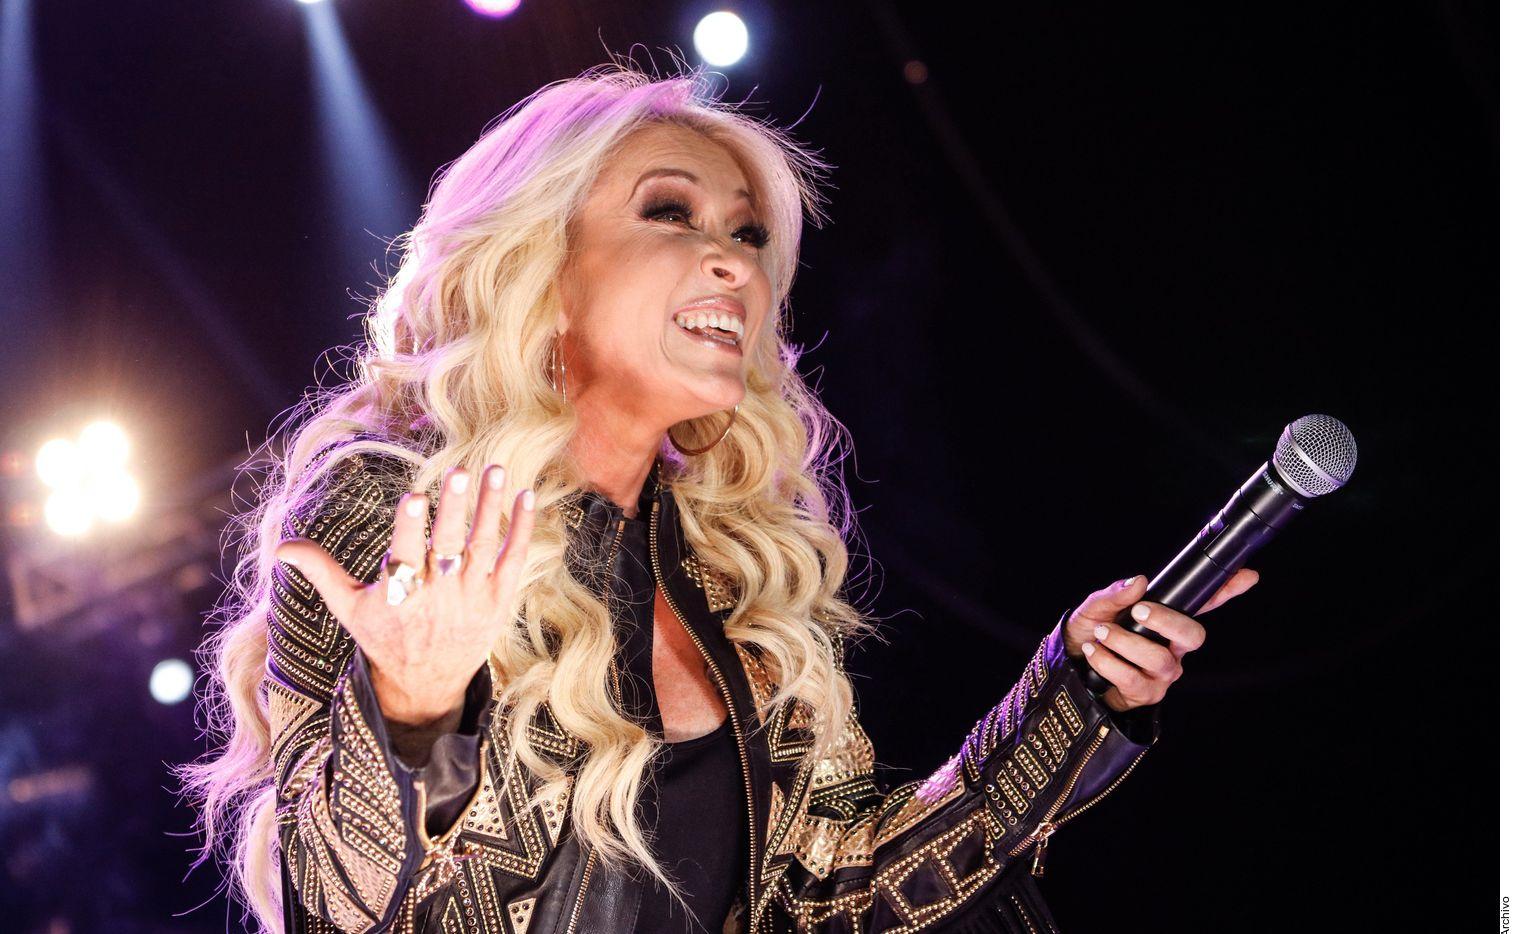 La cantante Yuri comentó que por la pandemia se afectaron algunos proyectos, entre ellos la producción de su bioserie.